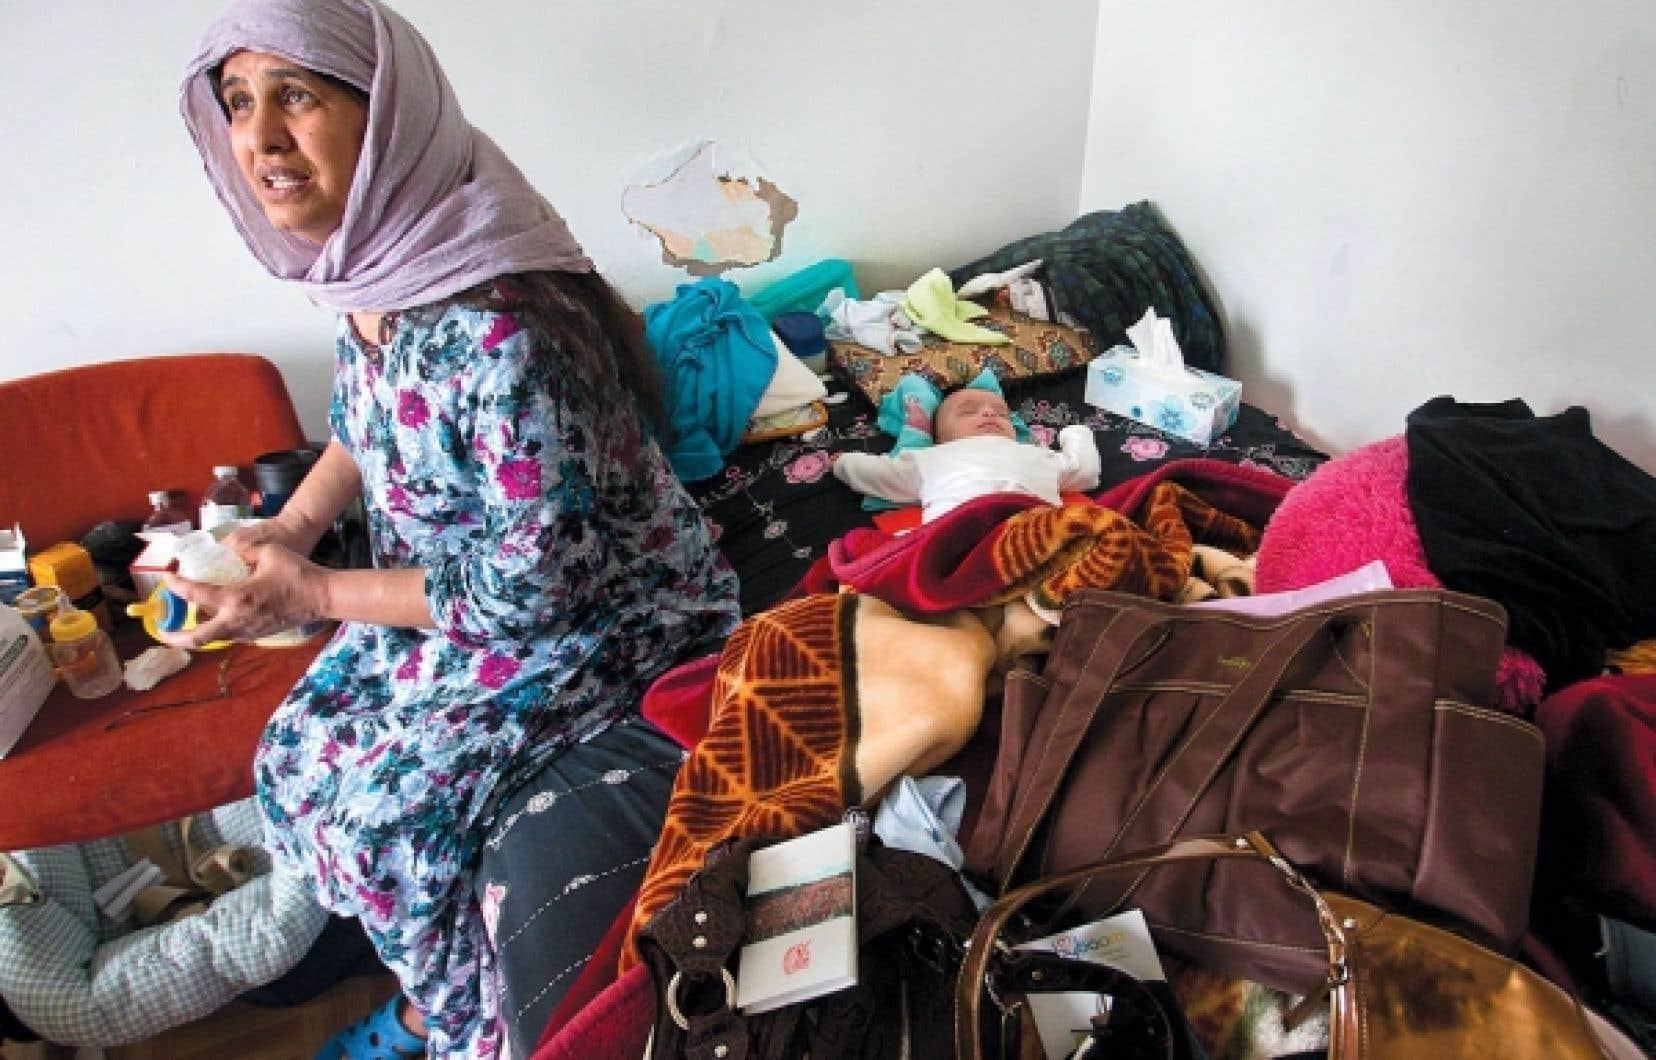 Parmi ceux qui doivent faire appel à un comité de logement pour défendre leurs droits, nombreux sont des immigrants, comme cette femme du quartier Parc-Extension, à Montréal, évacuée de son logement en mai dernier en raison de l'insalubrité des lieux.